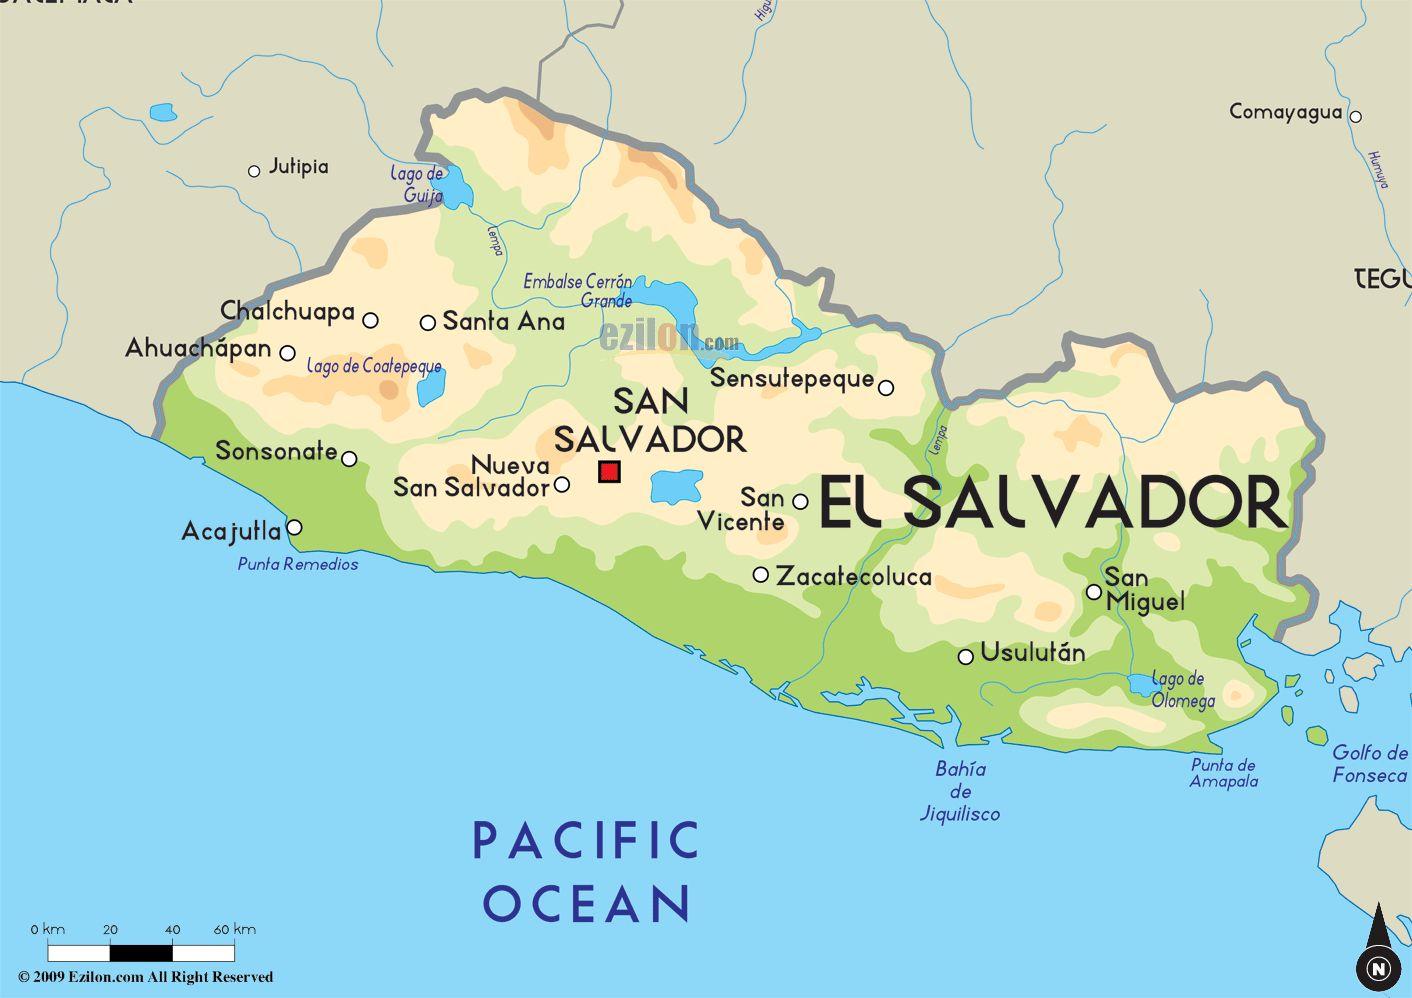 La mapa de El Salvador. El Salvador fue muy grande. | El ... Map De El Salvador on el gouna egypt map, de france map, de monaco map, el pueblo de los angeles map, tuxtla gutierrez mexico map, de florida map, el paraiso honduras map, el monte ca street map, el nido palawan philippines map, de israel map,